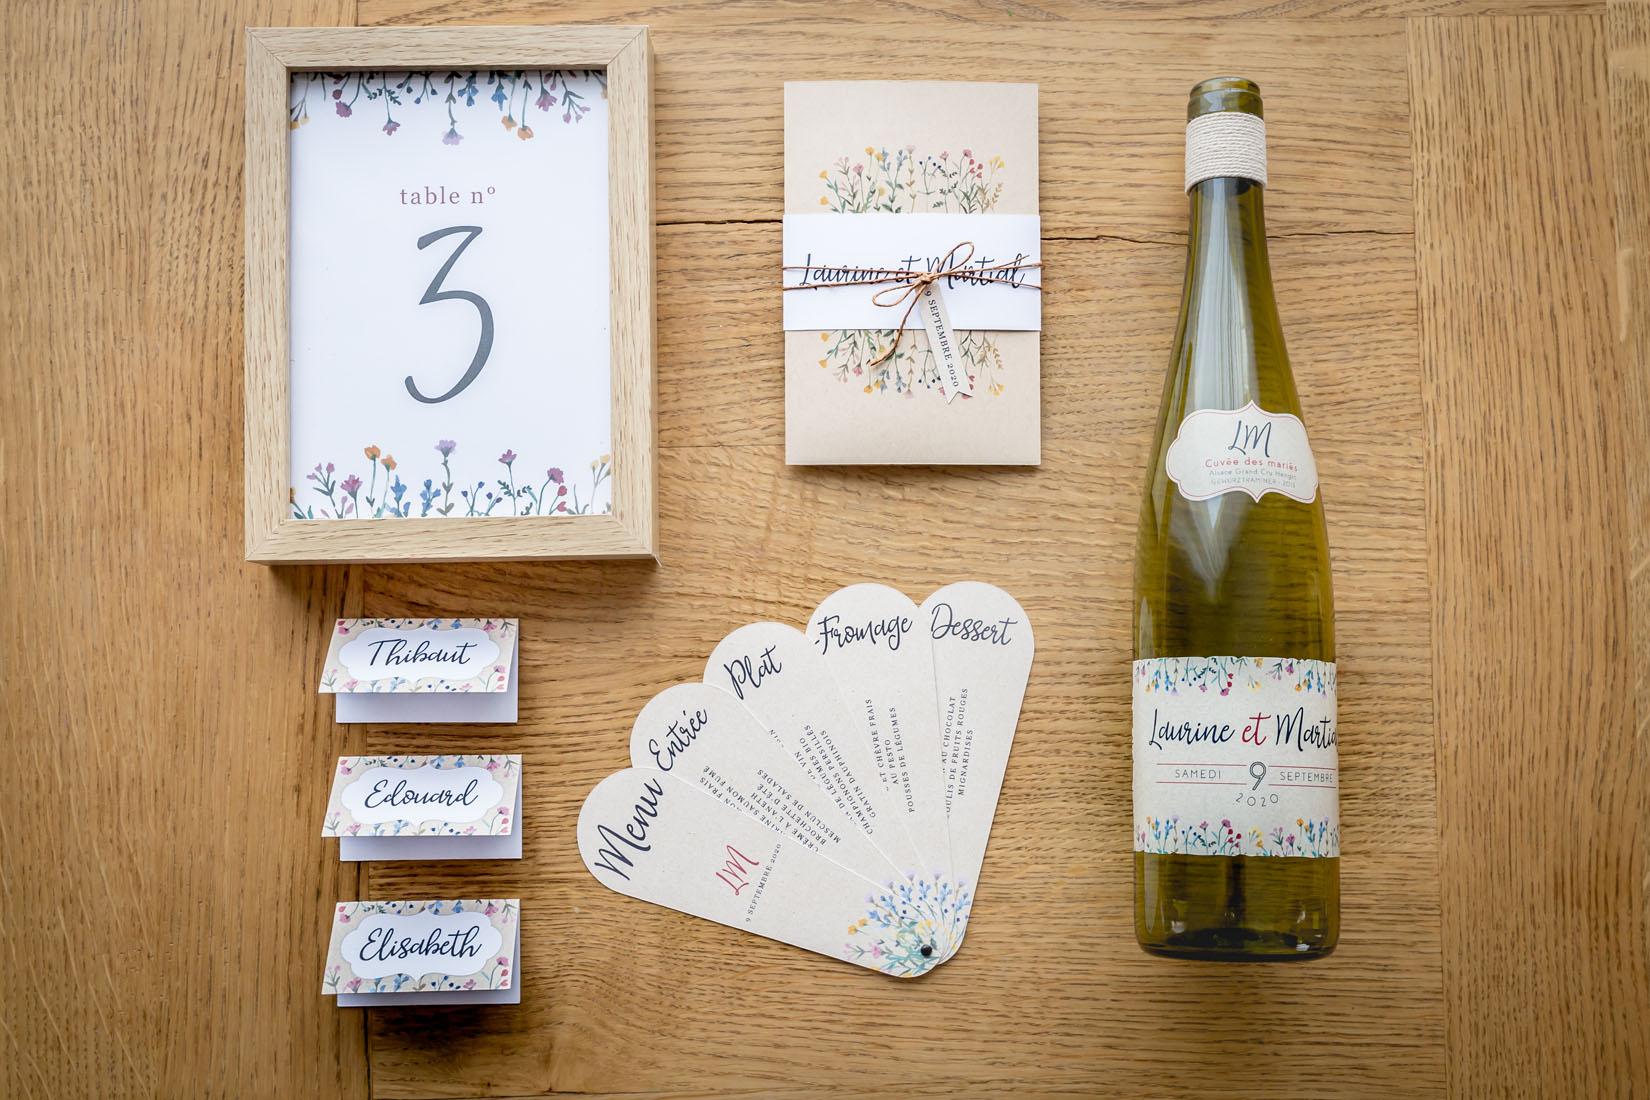 création graphique menu mariage